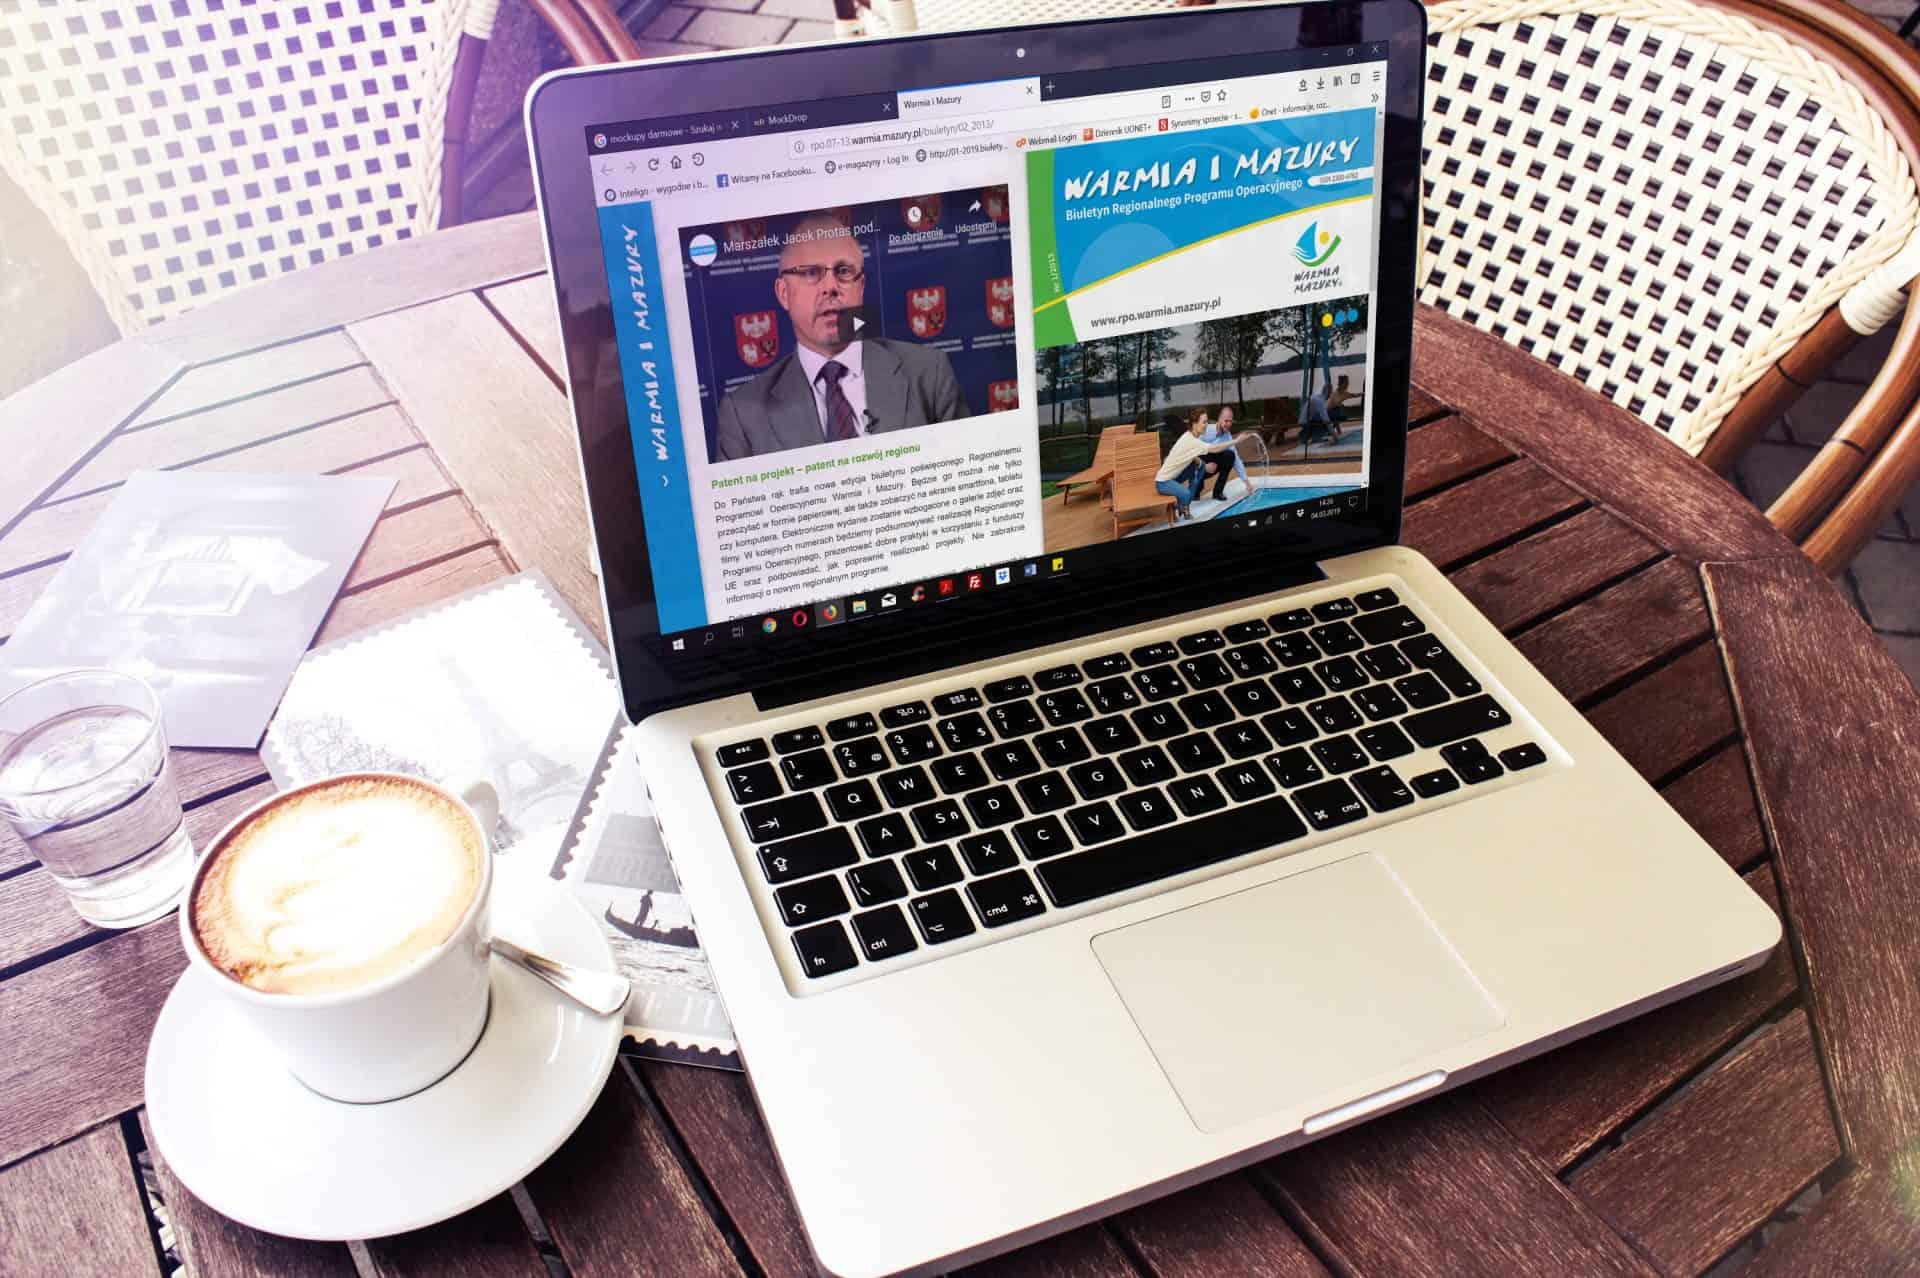 mobilne wydanie biuletynu Warmia i Mazury na ekranie laptopa